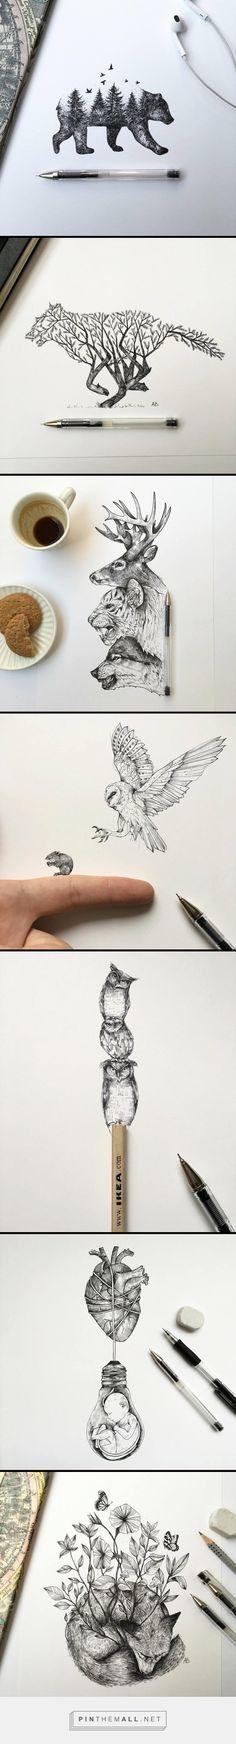 Design ✏️   #art #design #ideas